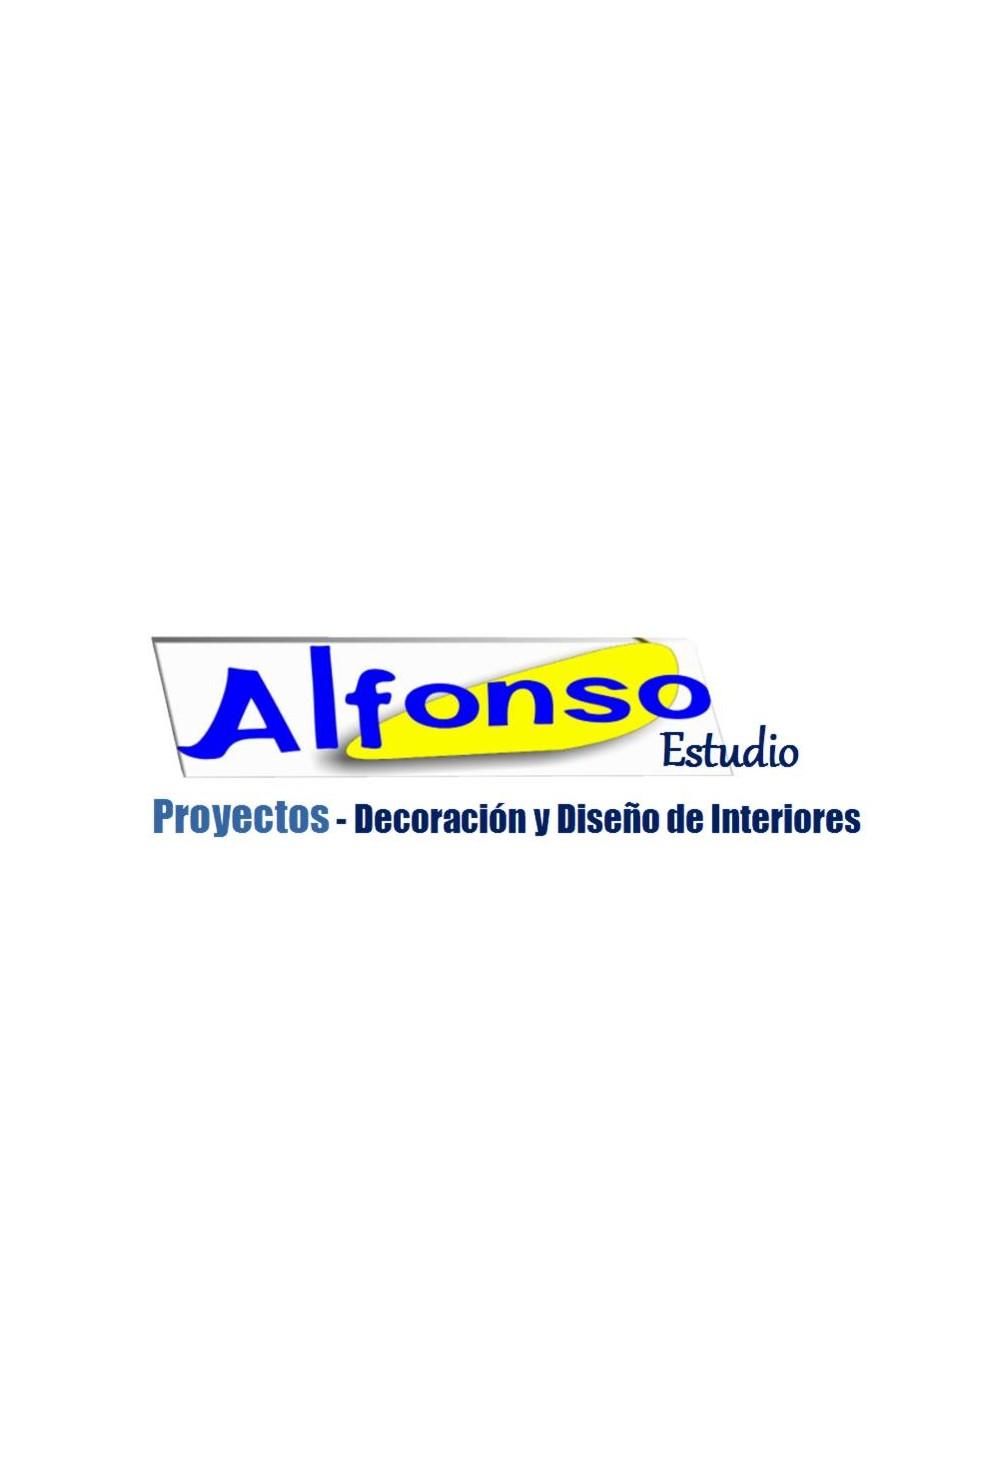 Alfonso Estudio De Decoración Y Diseño De Interiores